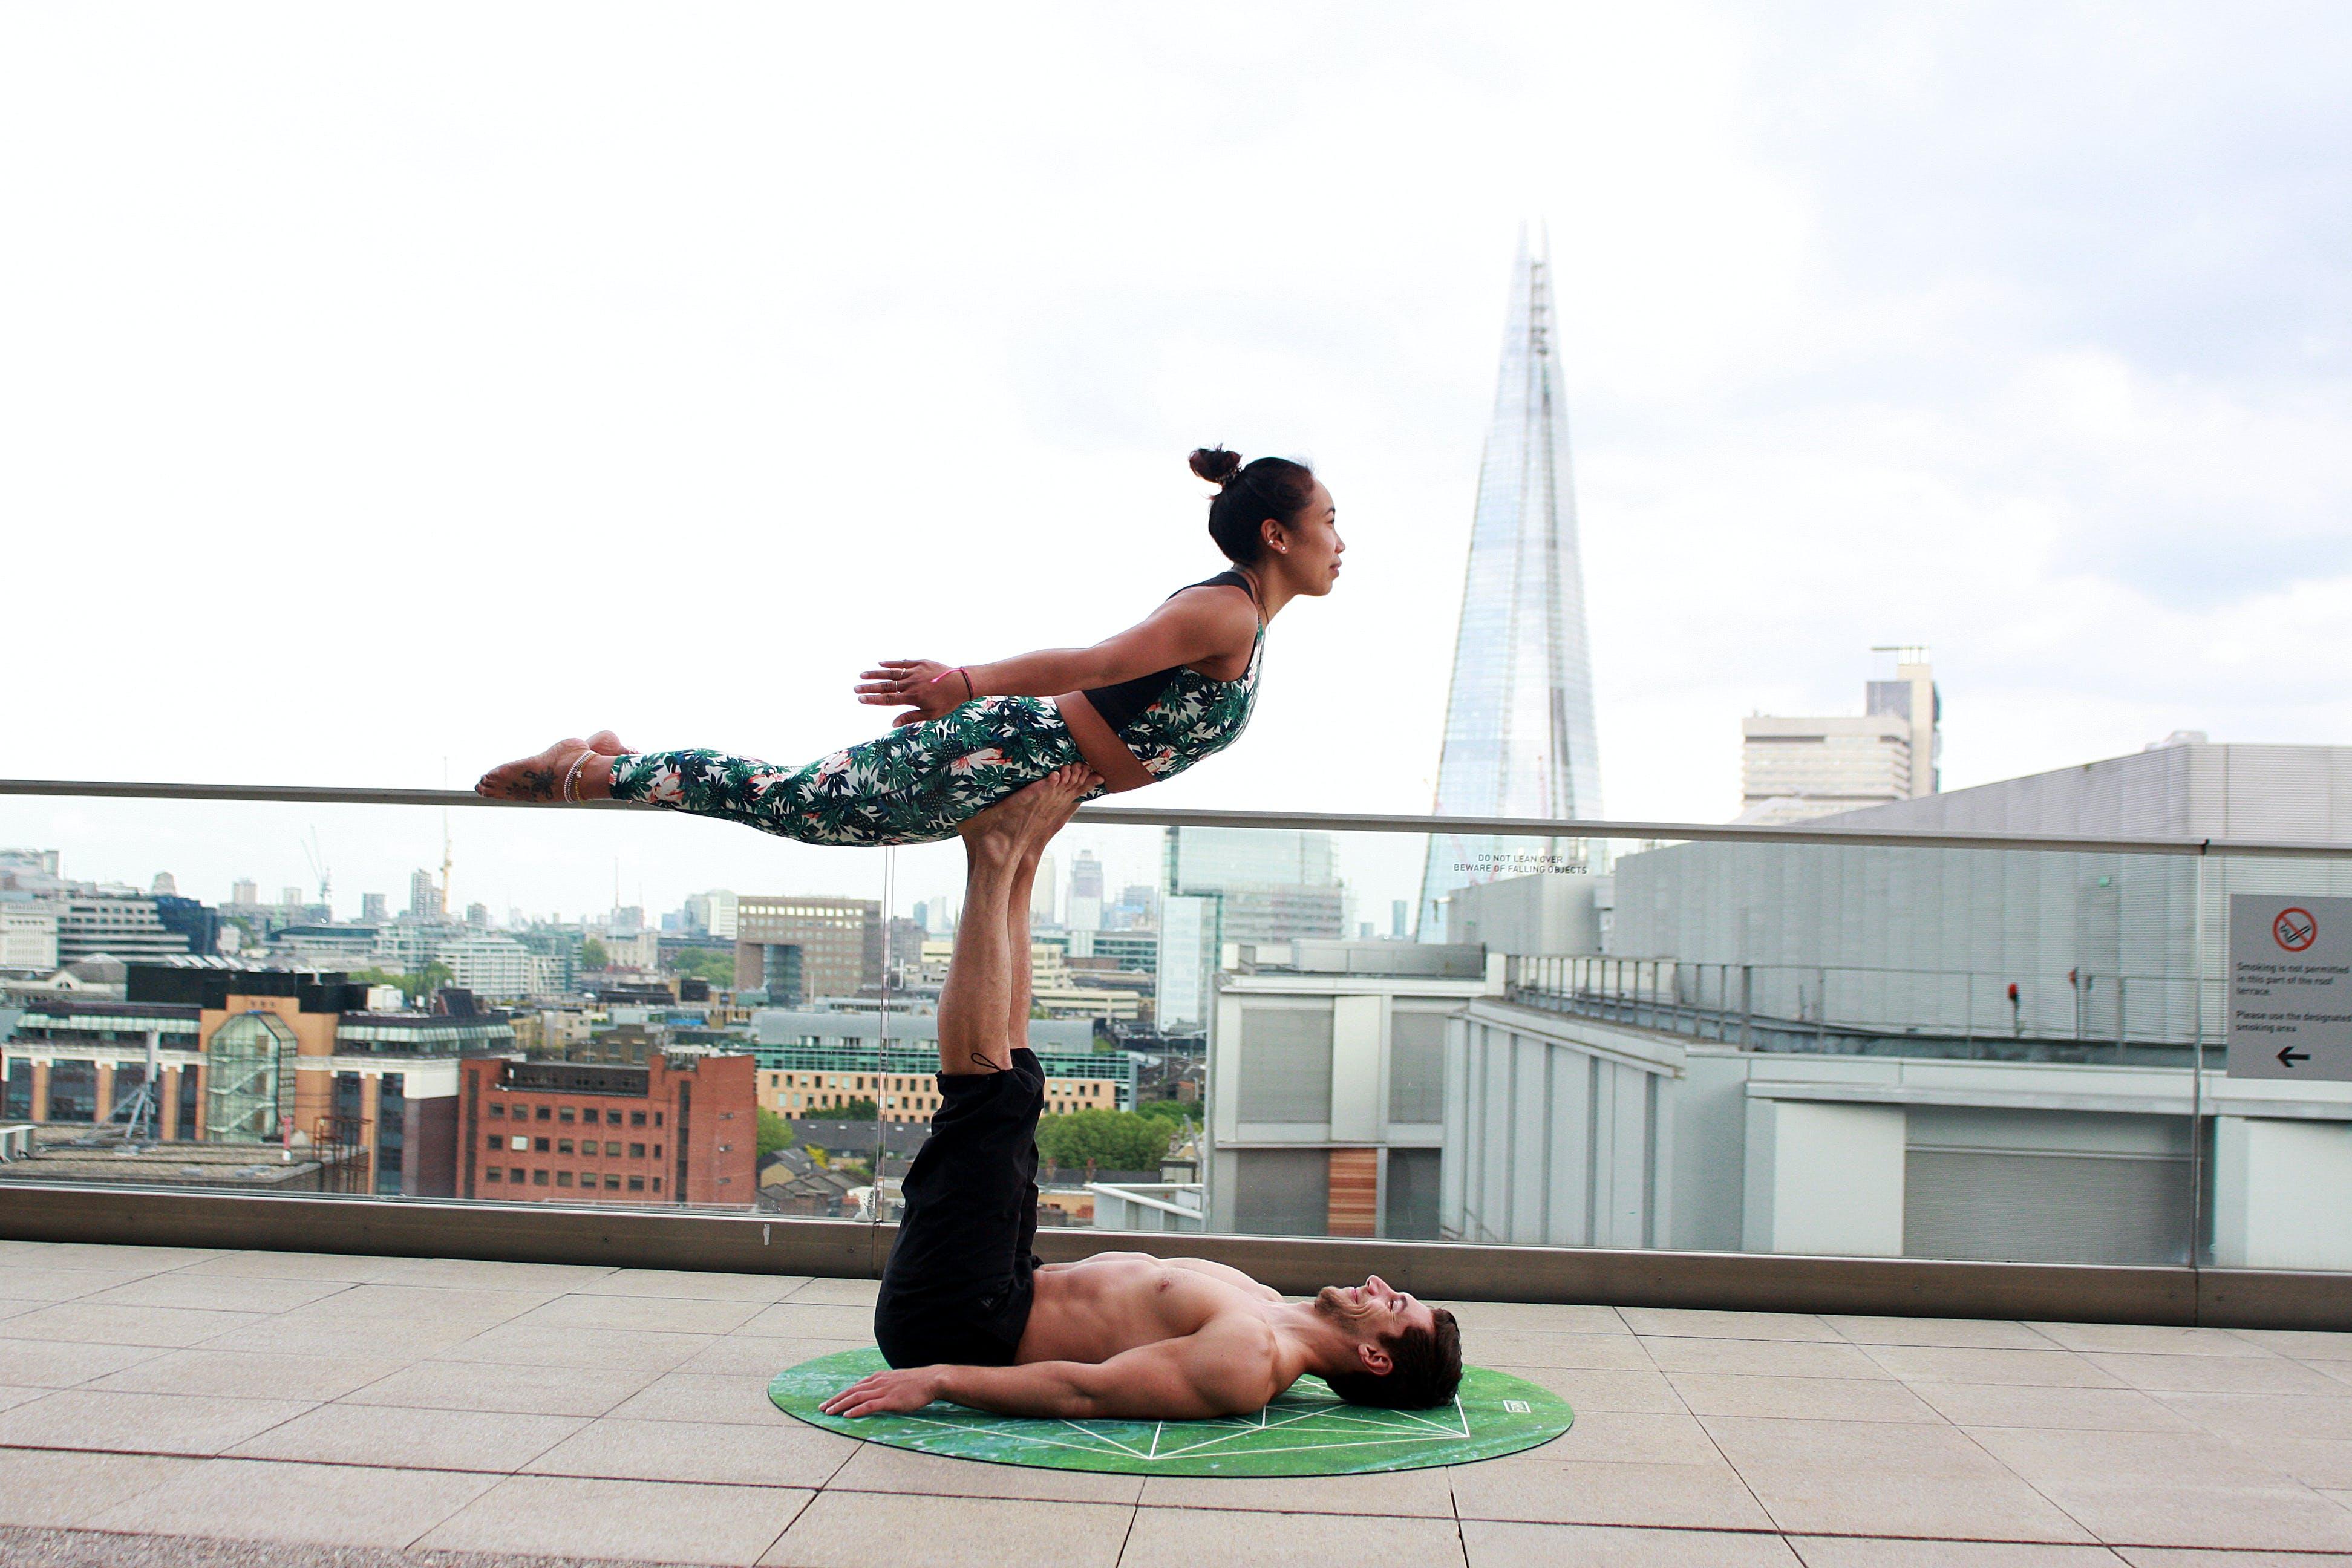 Acro Yoga, Avrupa, Birleşik Krallık, çakra içeren Ücretsiz stok fotoğraf